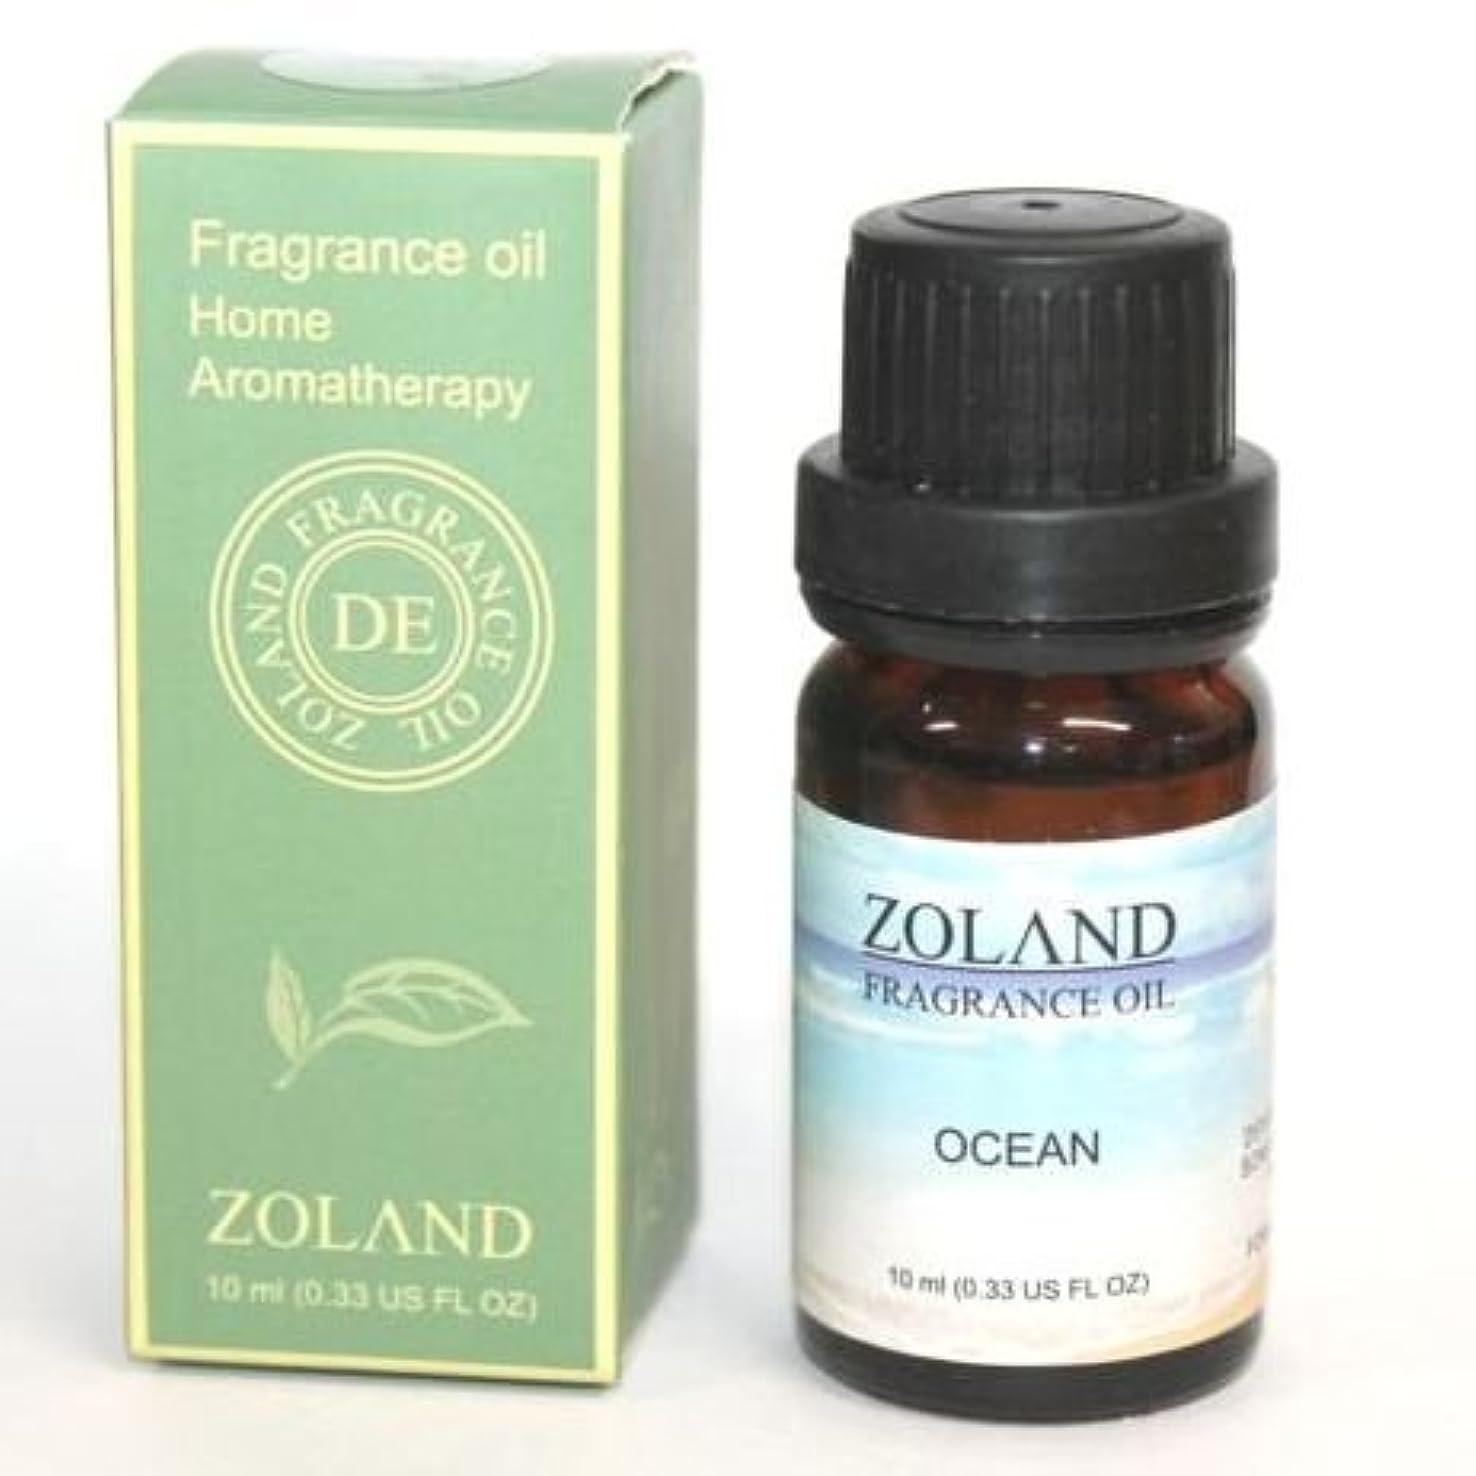 極端な避けられない色合いZOLAND アロマオイル AROMA OIL フレグランスオイル OCEAN オーシャン 海の香り ZQ-6